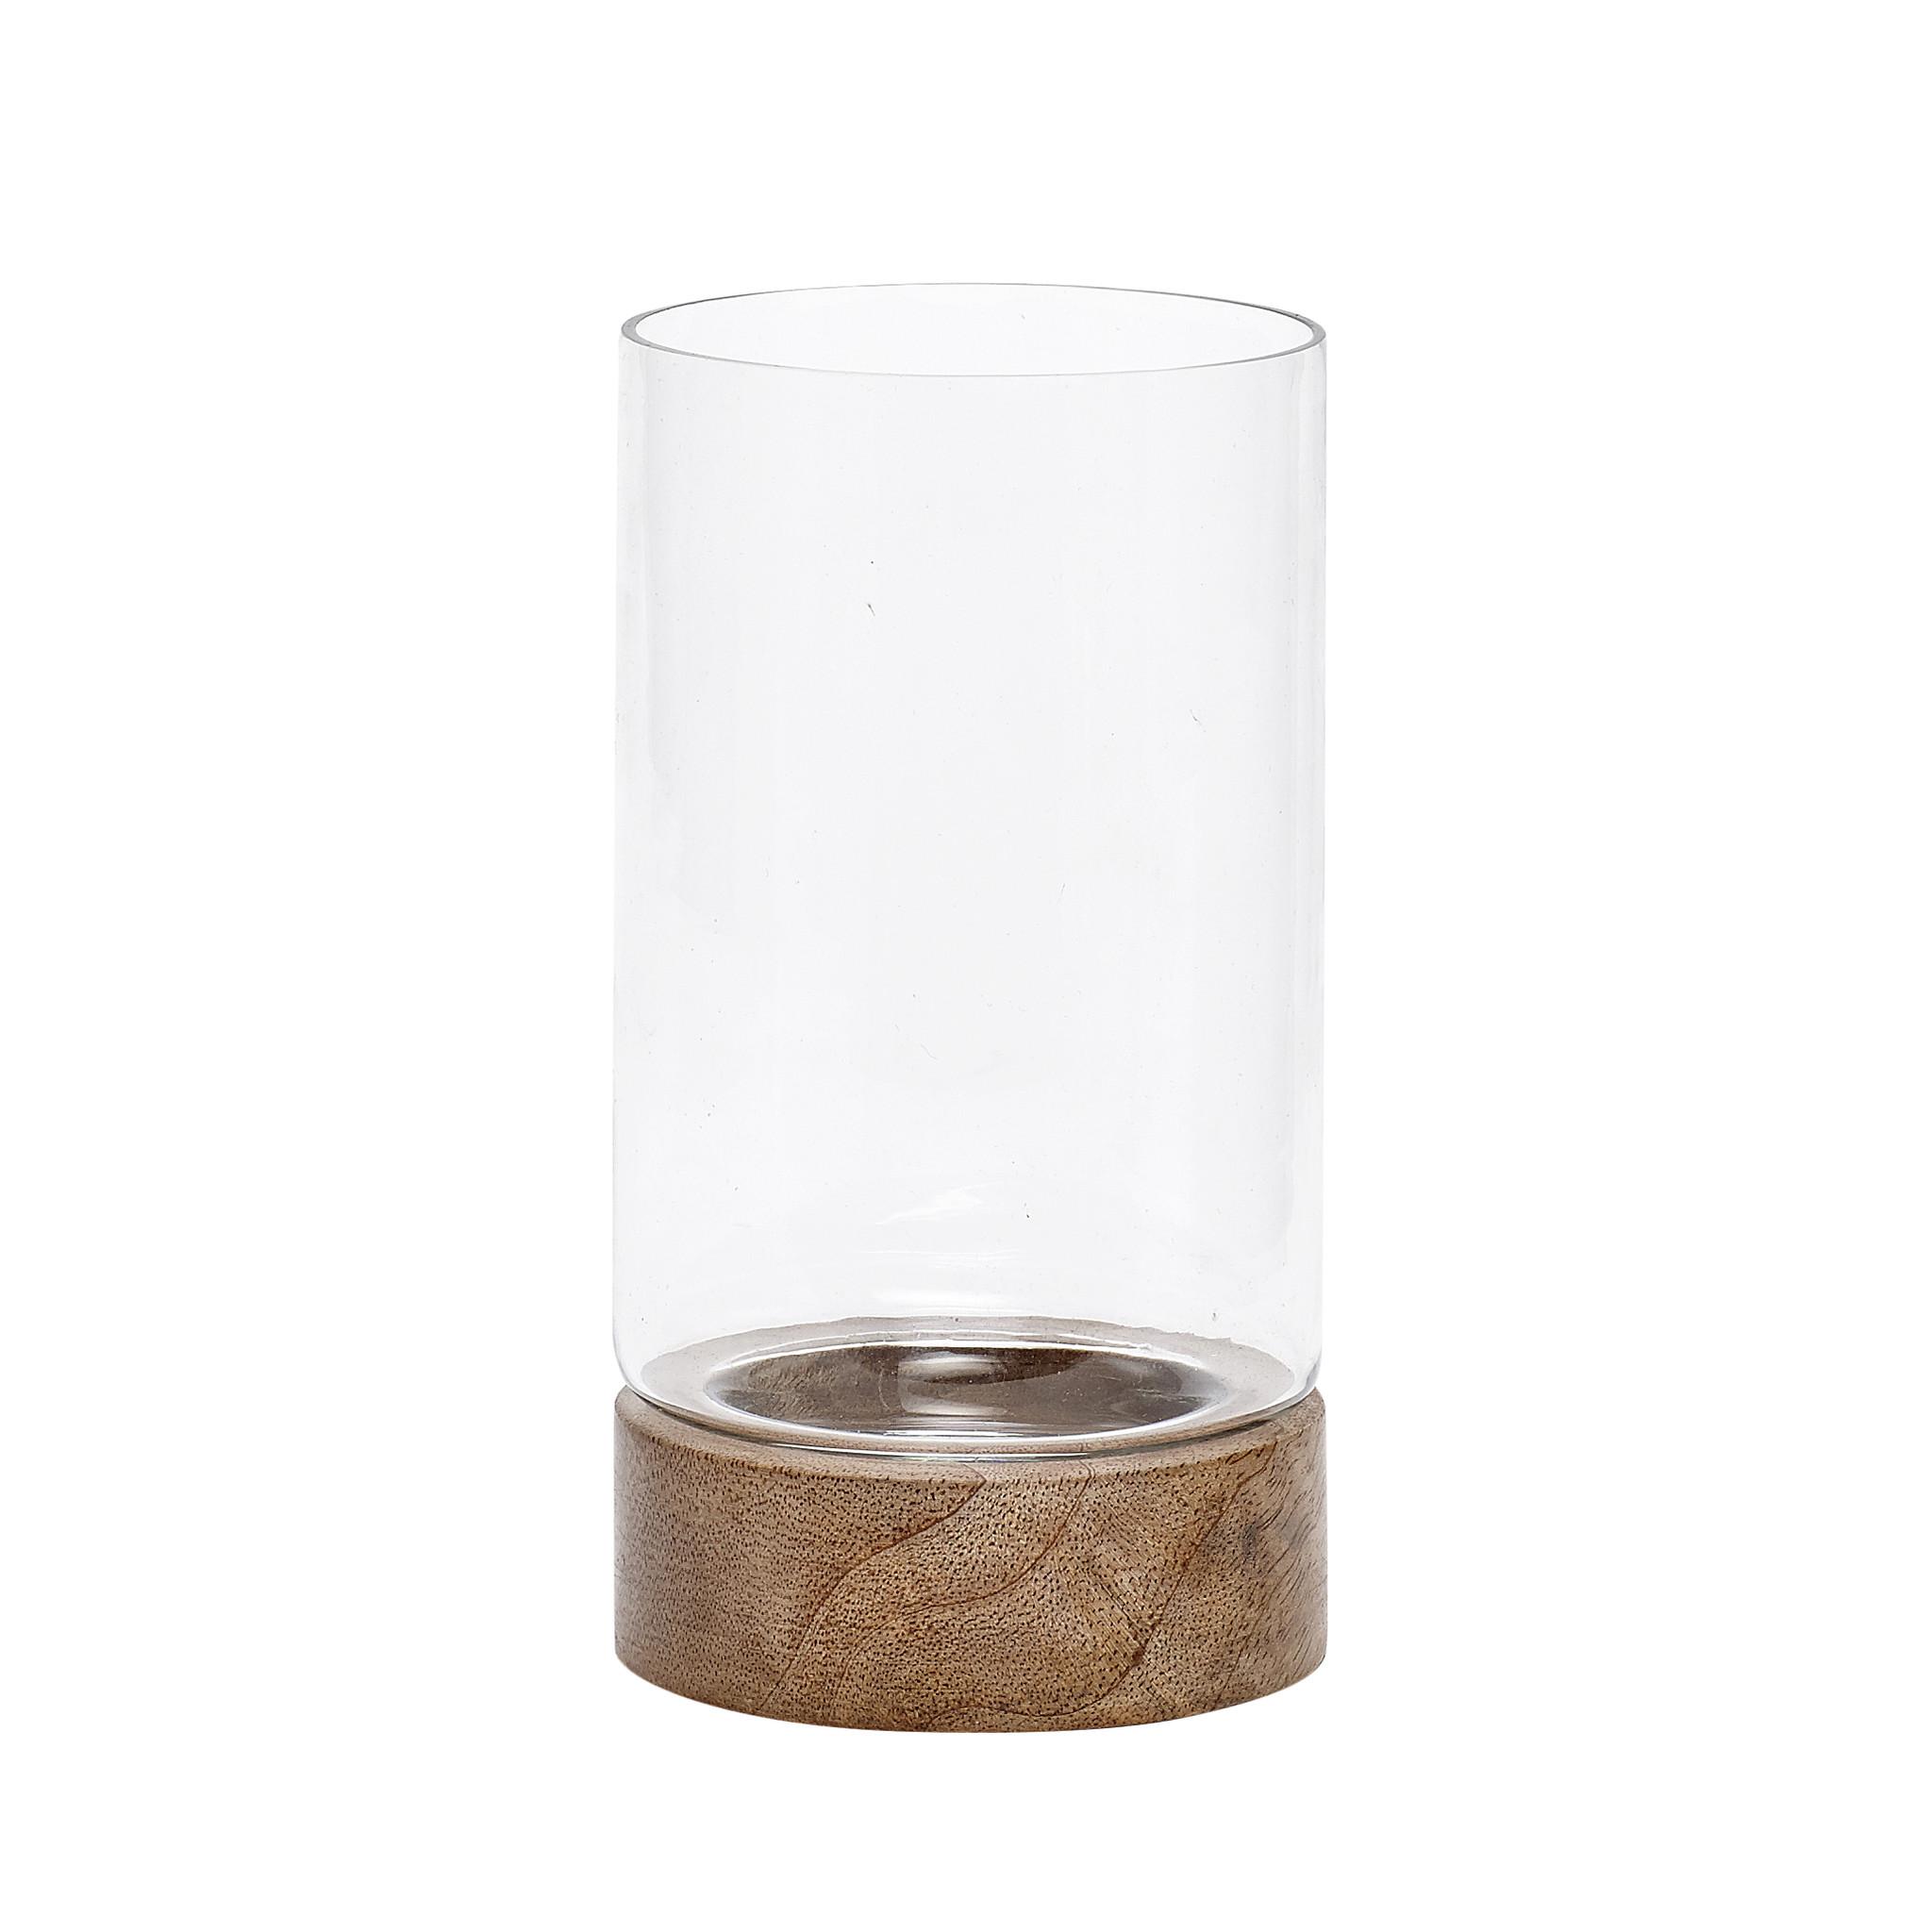 Hübsch vaas hout